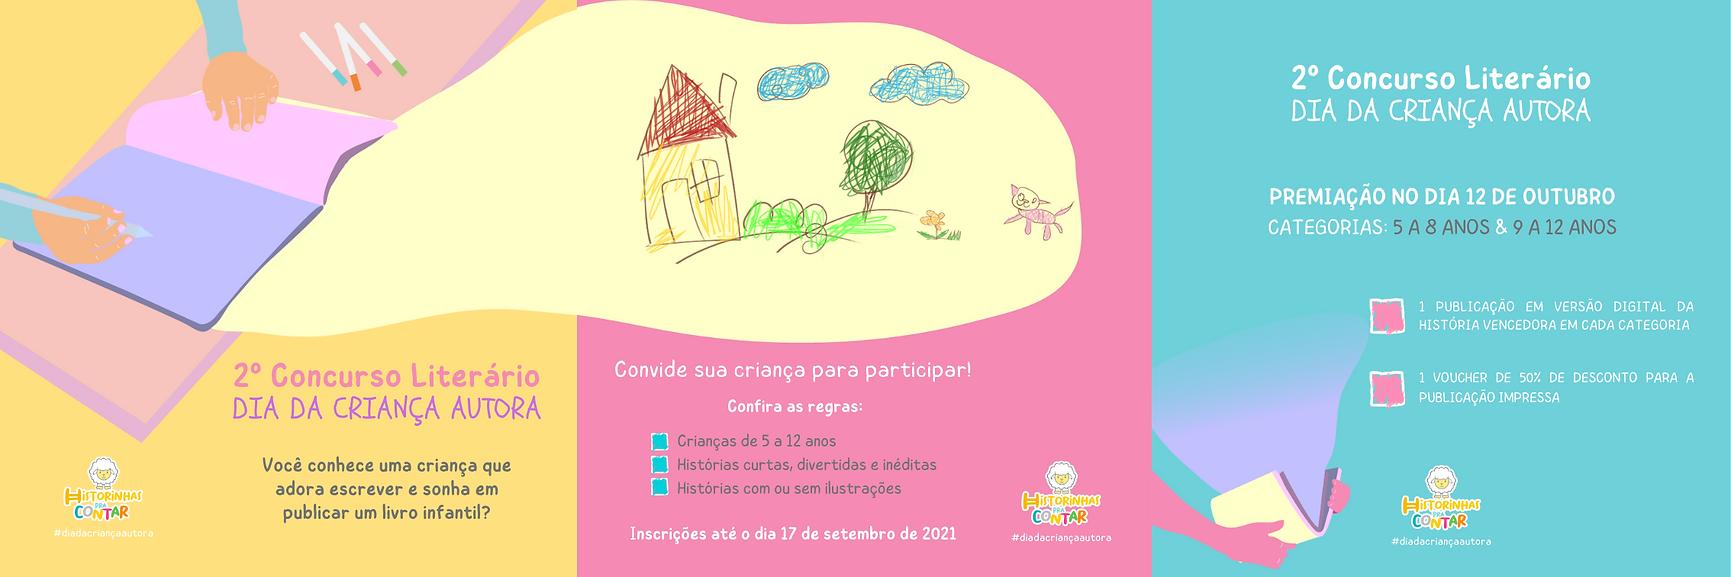 Concurso criança autora.png